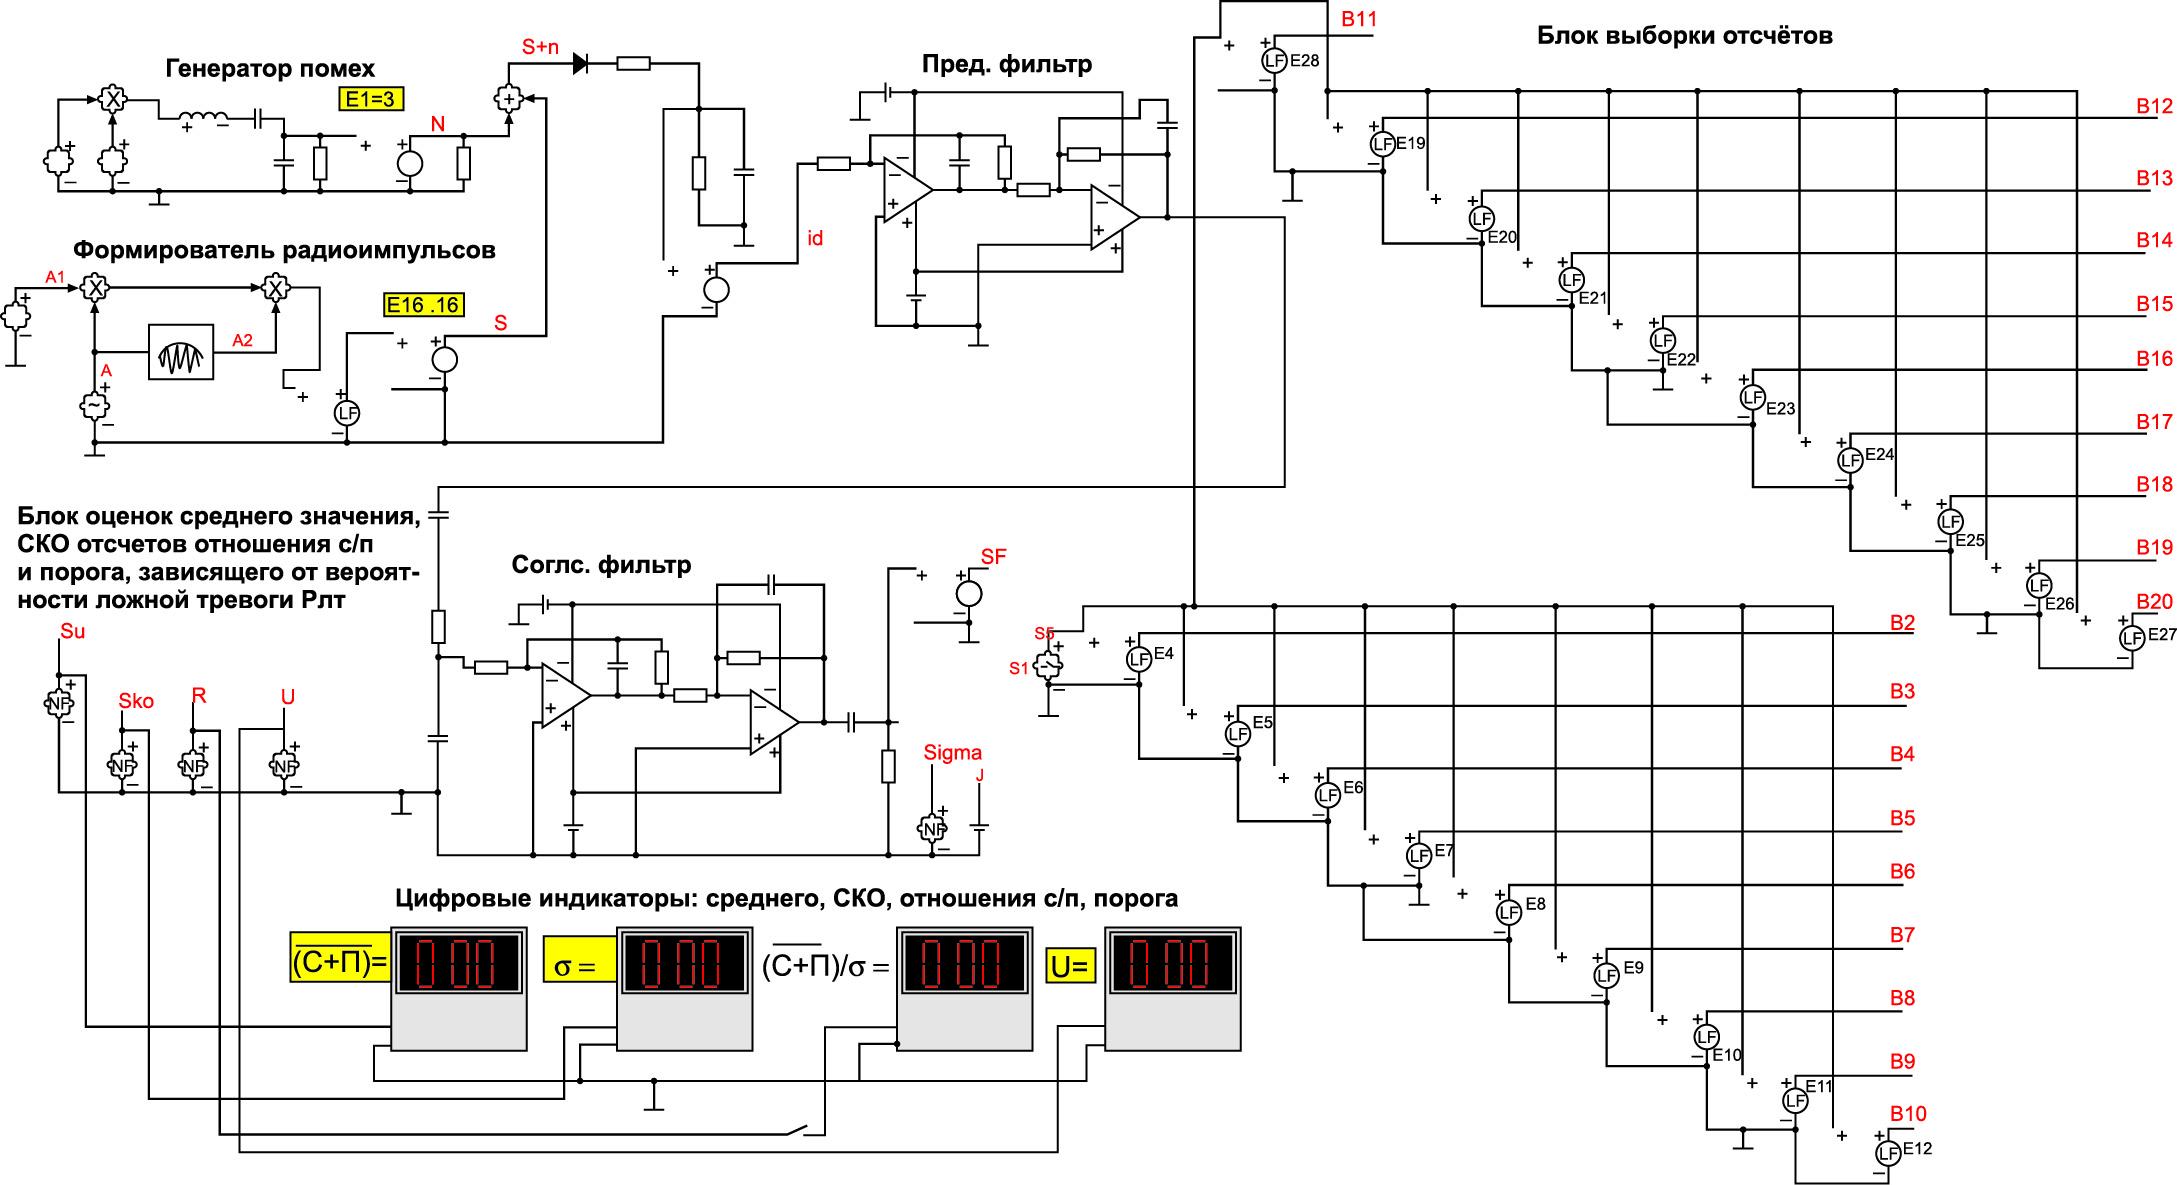 Модель обнаружителя радиосигналов с блоками выборки отсчетов, оценки среднего значения, СКО отсчетов и отношения сигнал/помеха